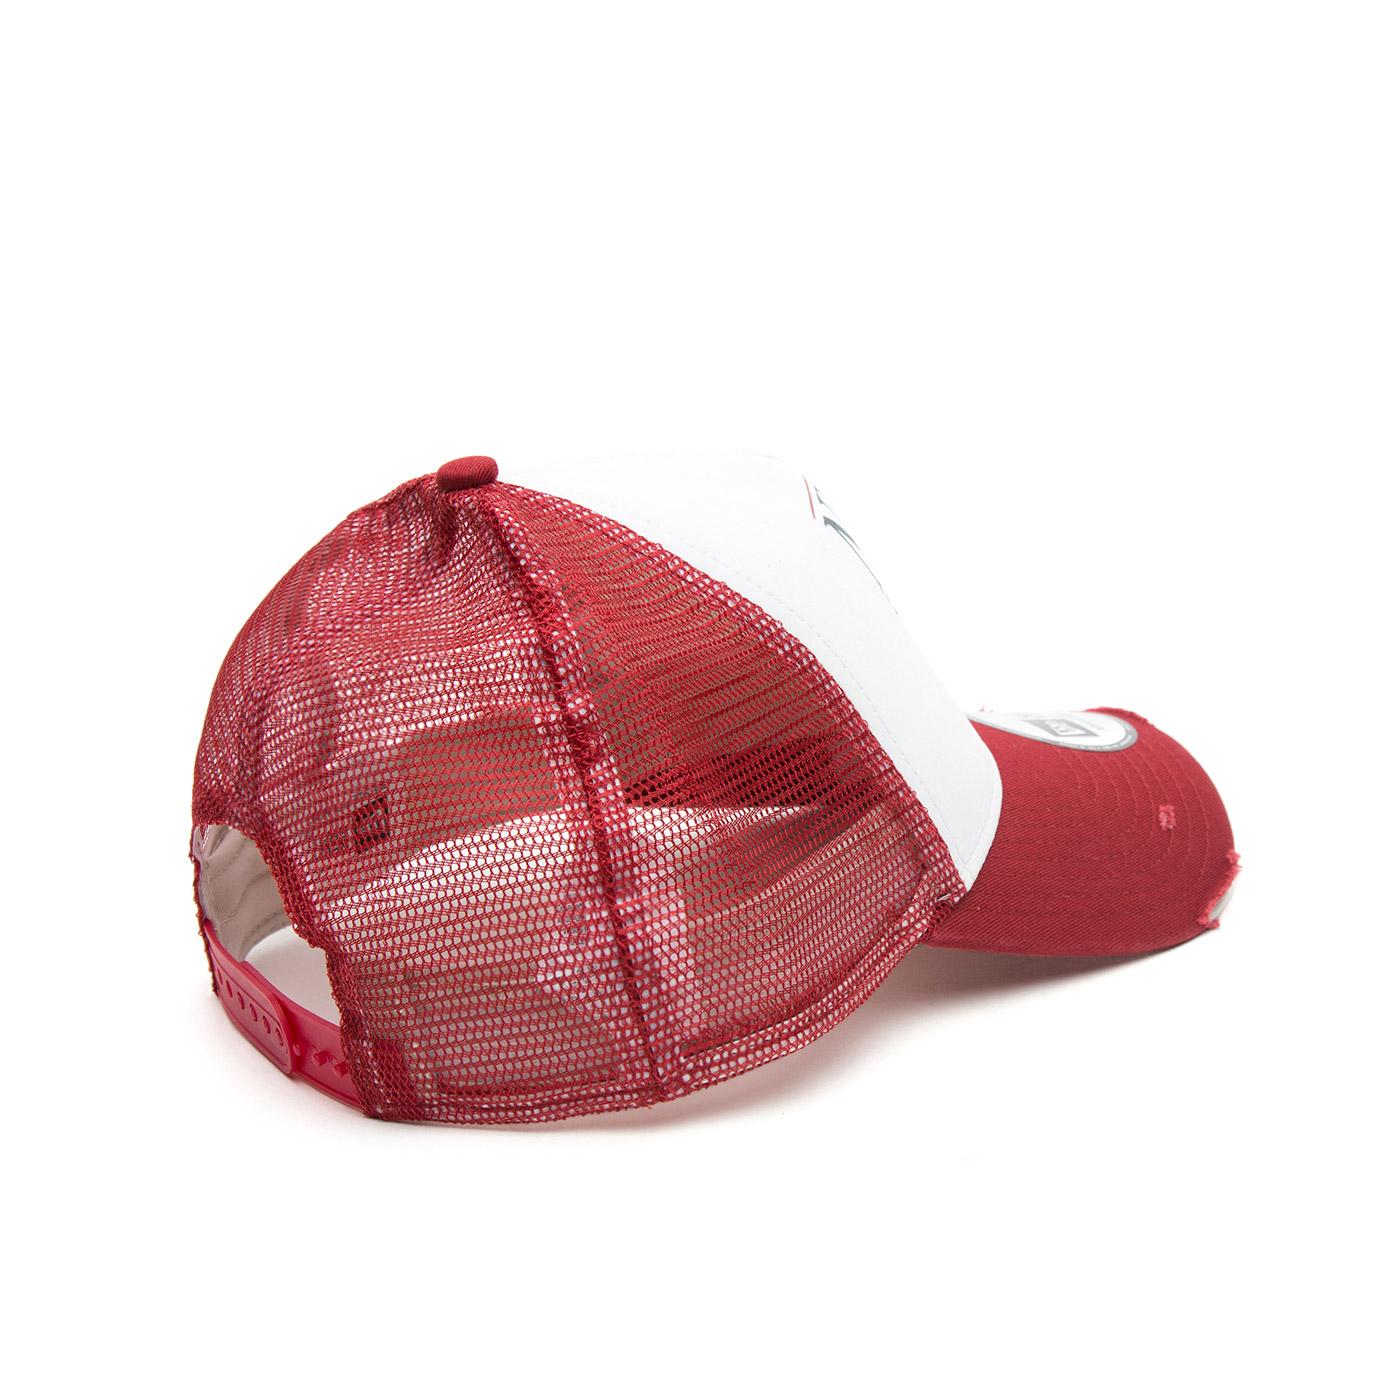 New Era Adjustable Erkek Bordo Şapka